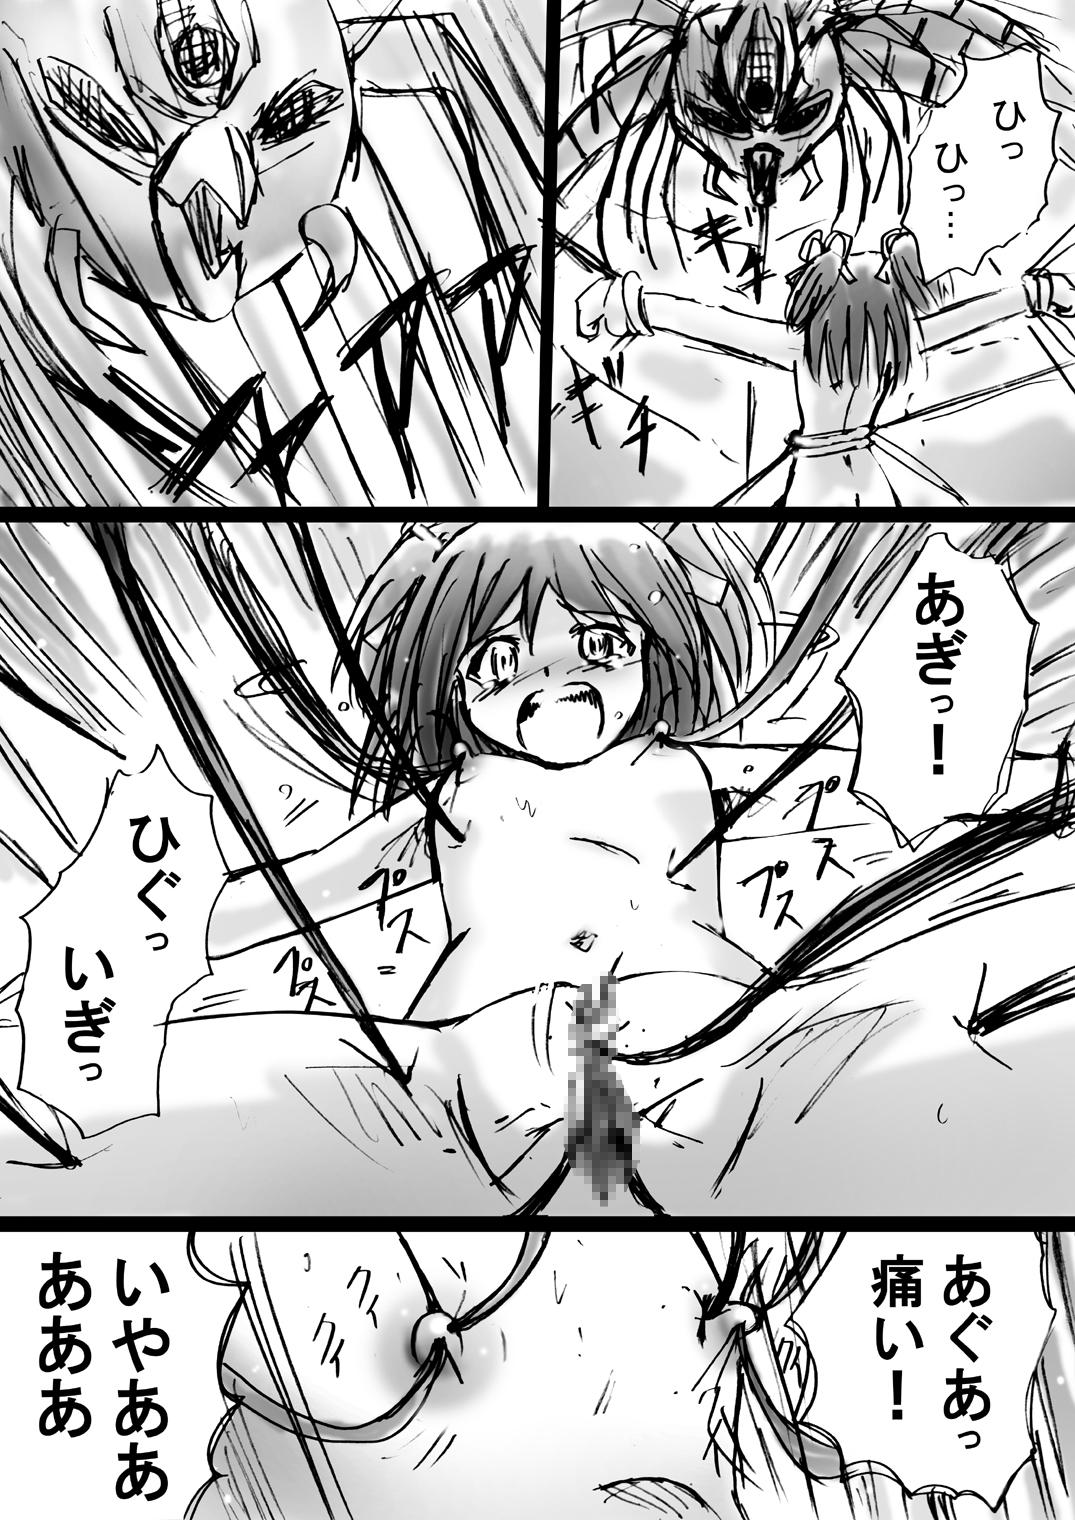 [Dende] Fushigi Sekai -Mystery World- Nonoha 5 ~Jokuma no Kyouniku no Tainai Shinshoku~ 37